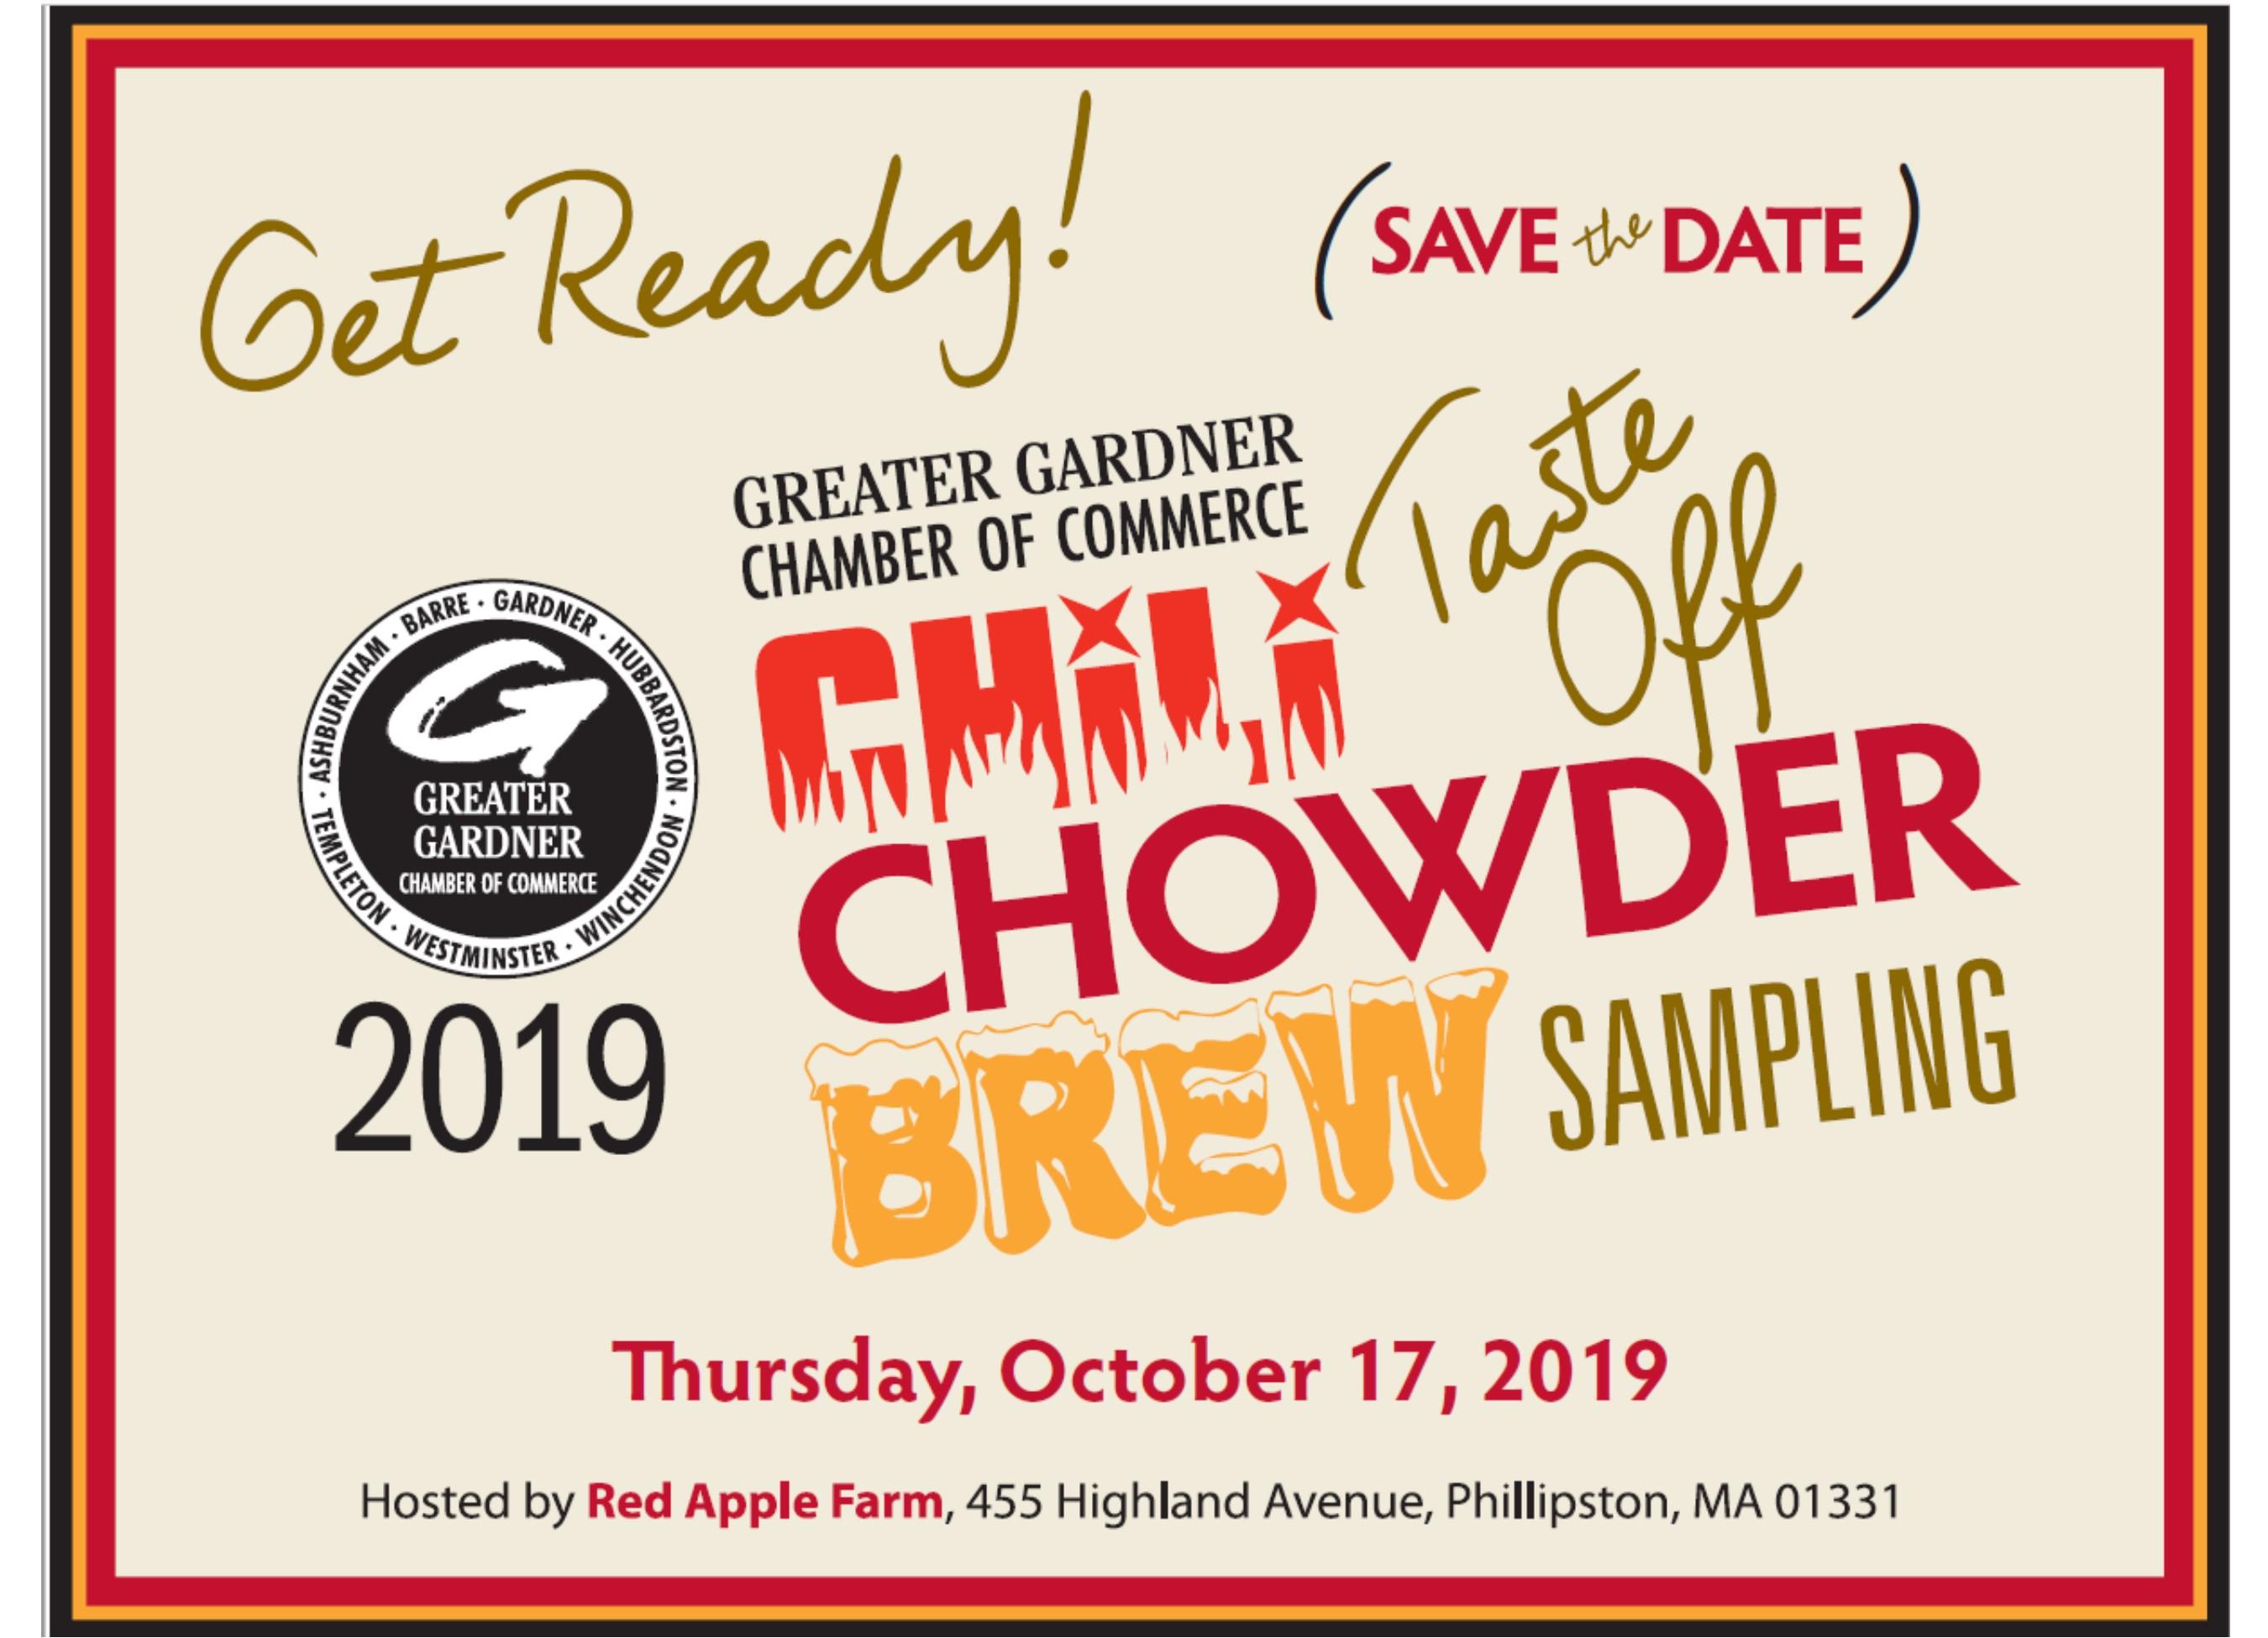 7th Annual Chili Chowder Taste Off & Brew Sampling!